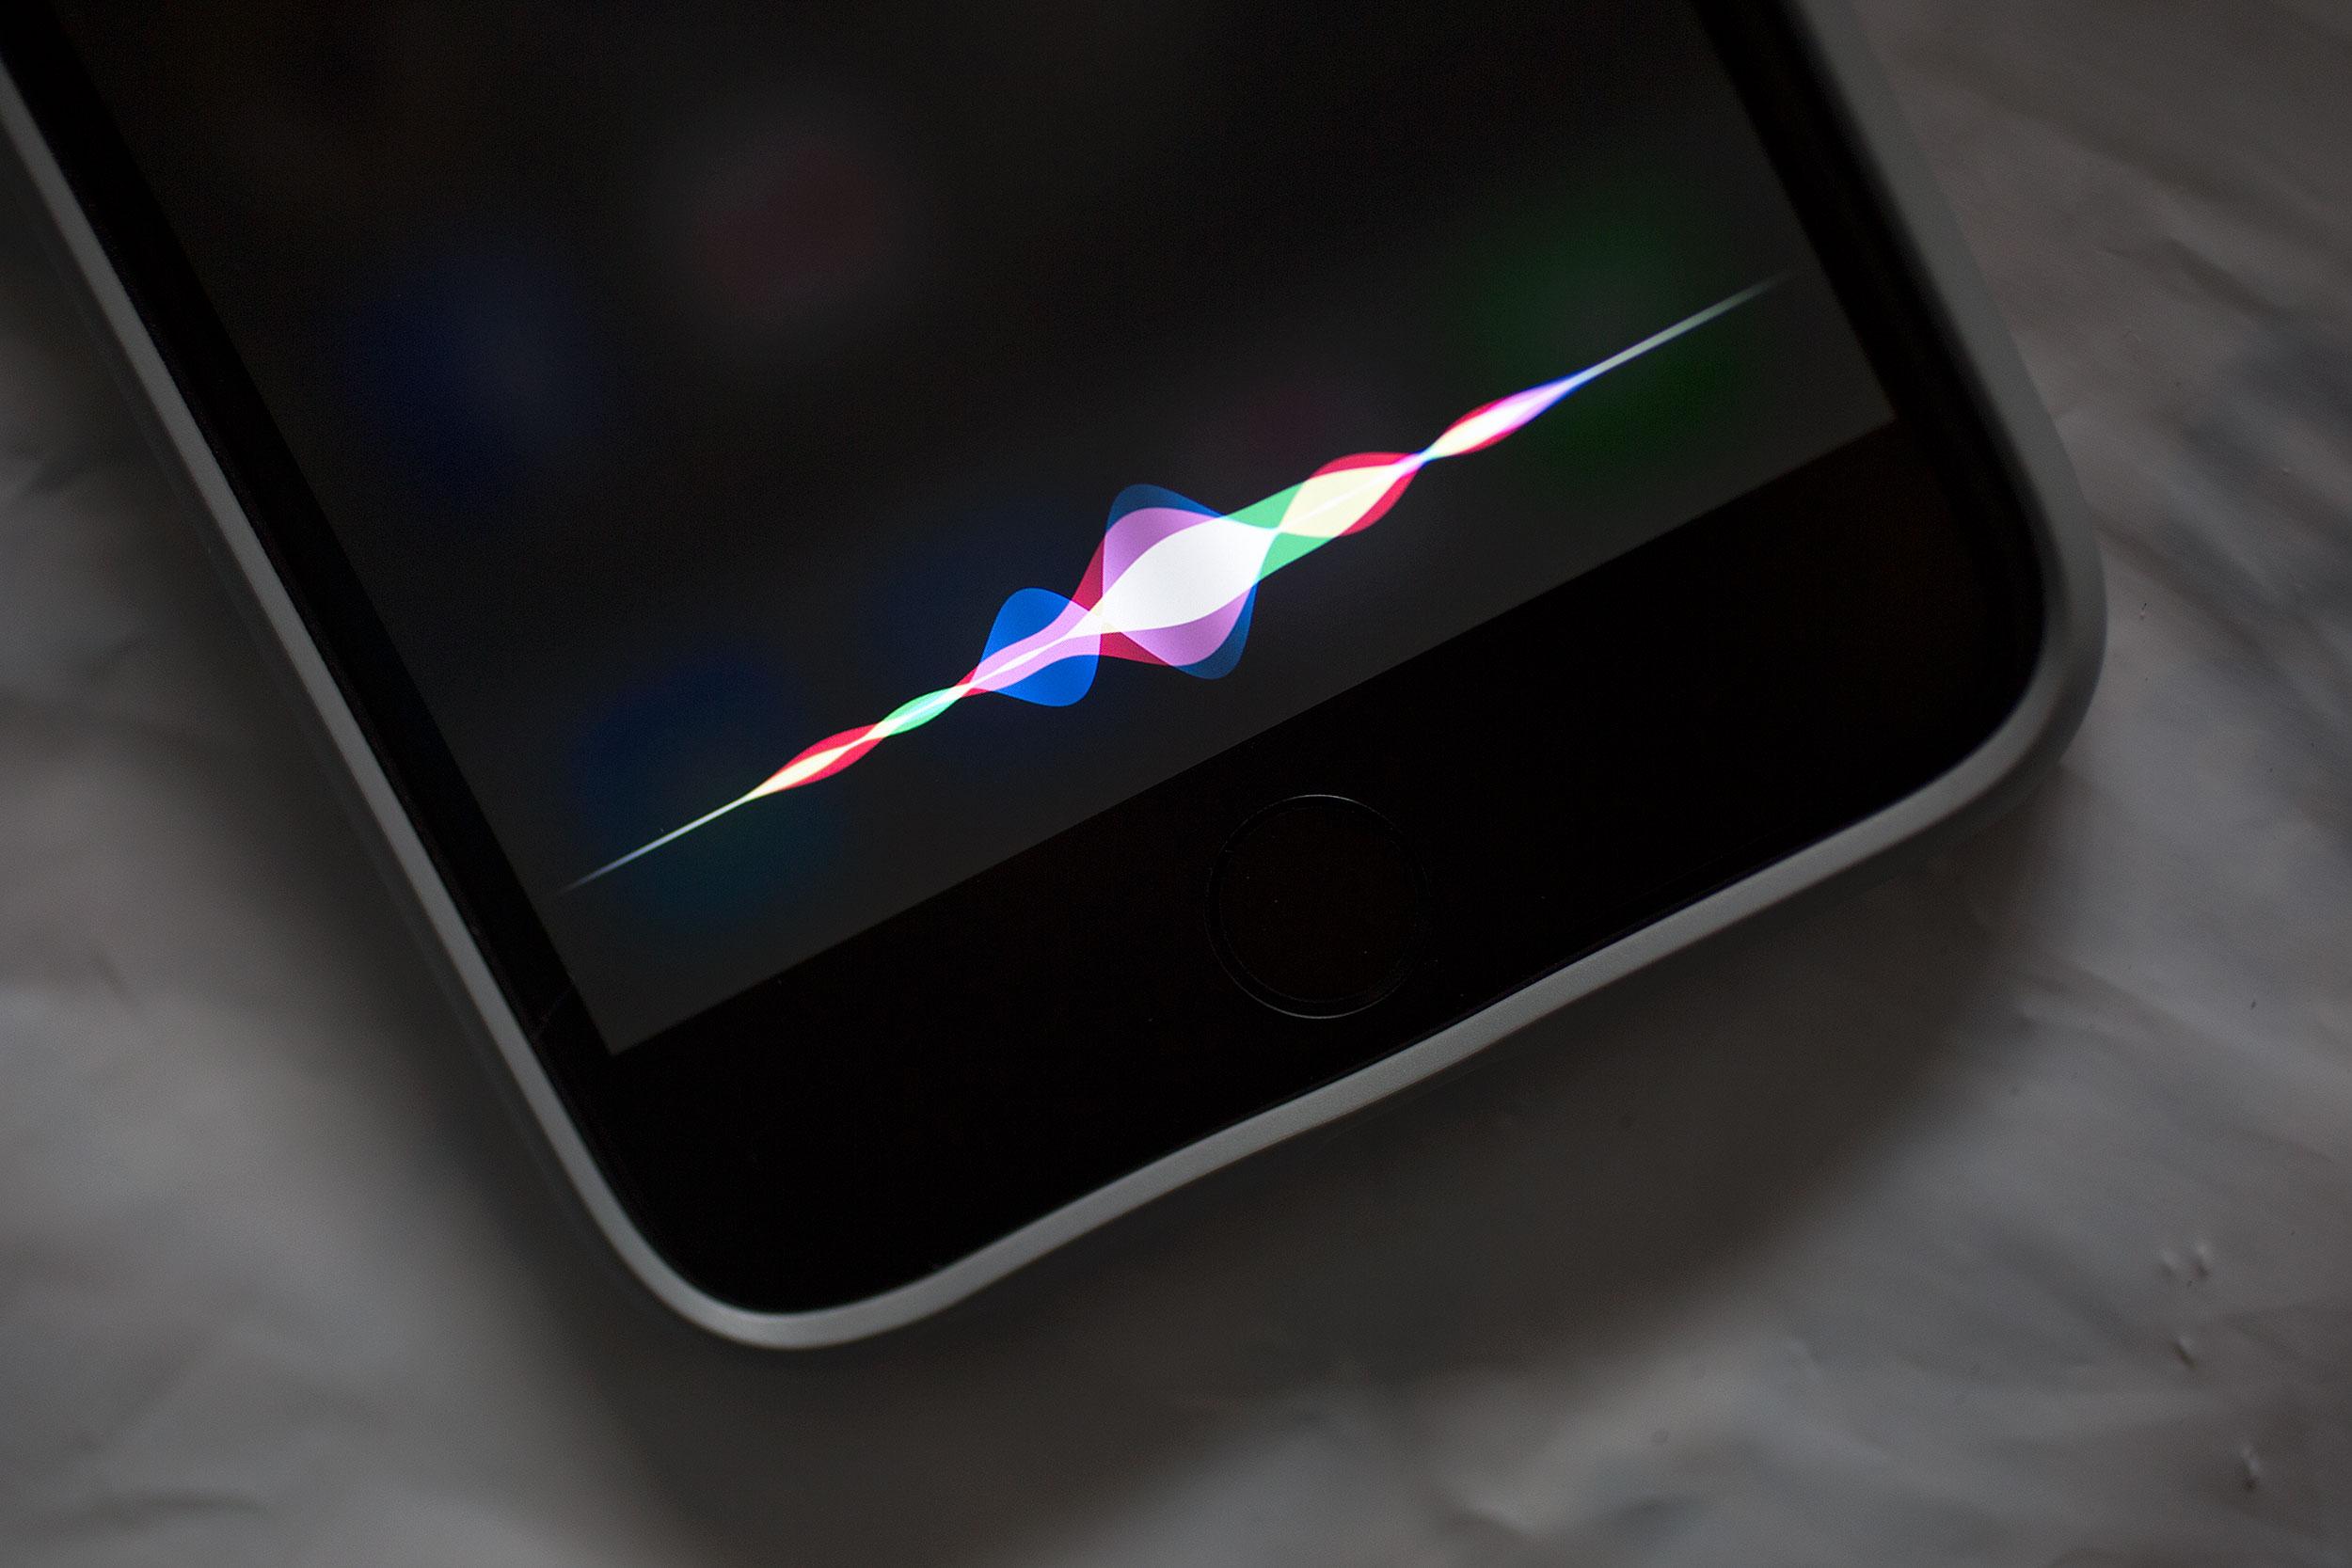 Nhấn và giữ nút giữa khoảng 2 giây để kích hoạt Siri